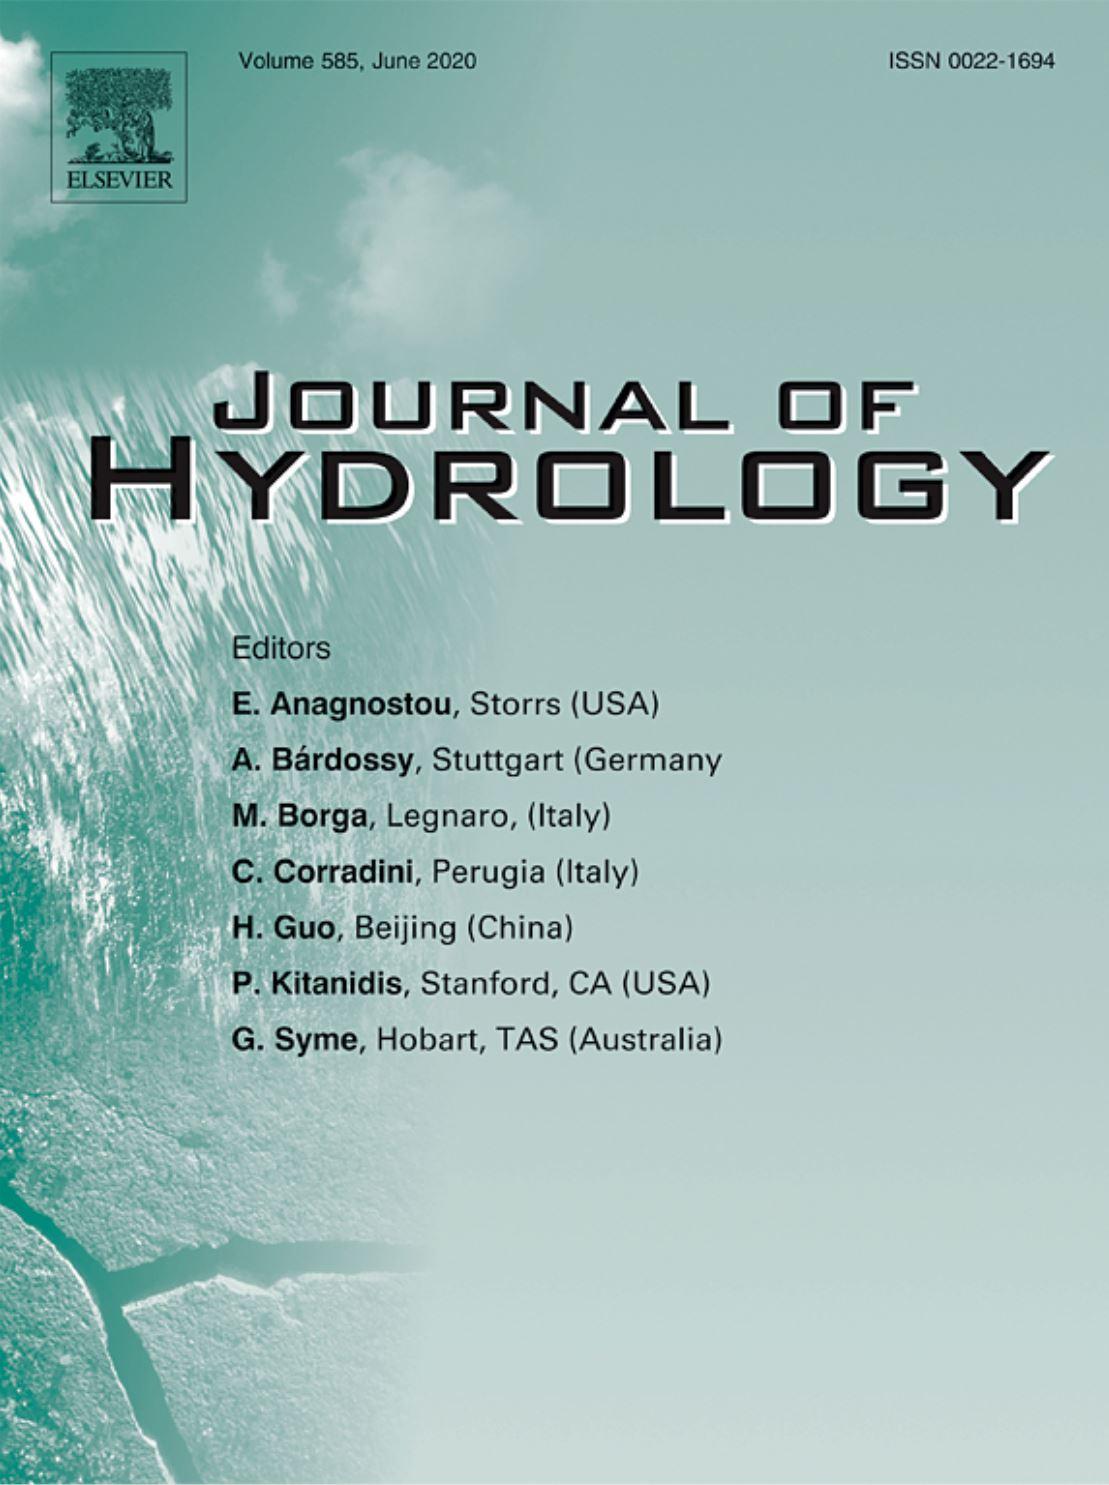 03192020_JHydrology